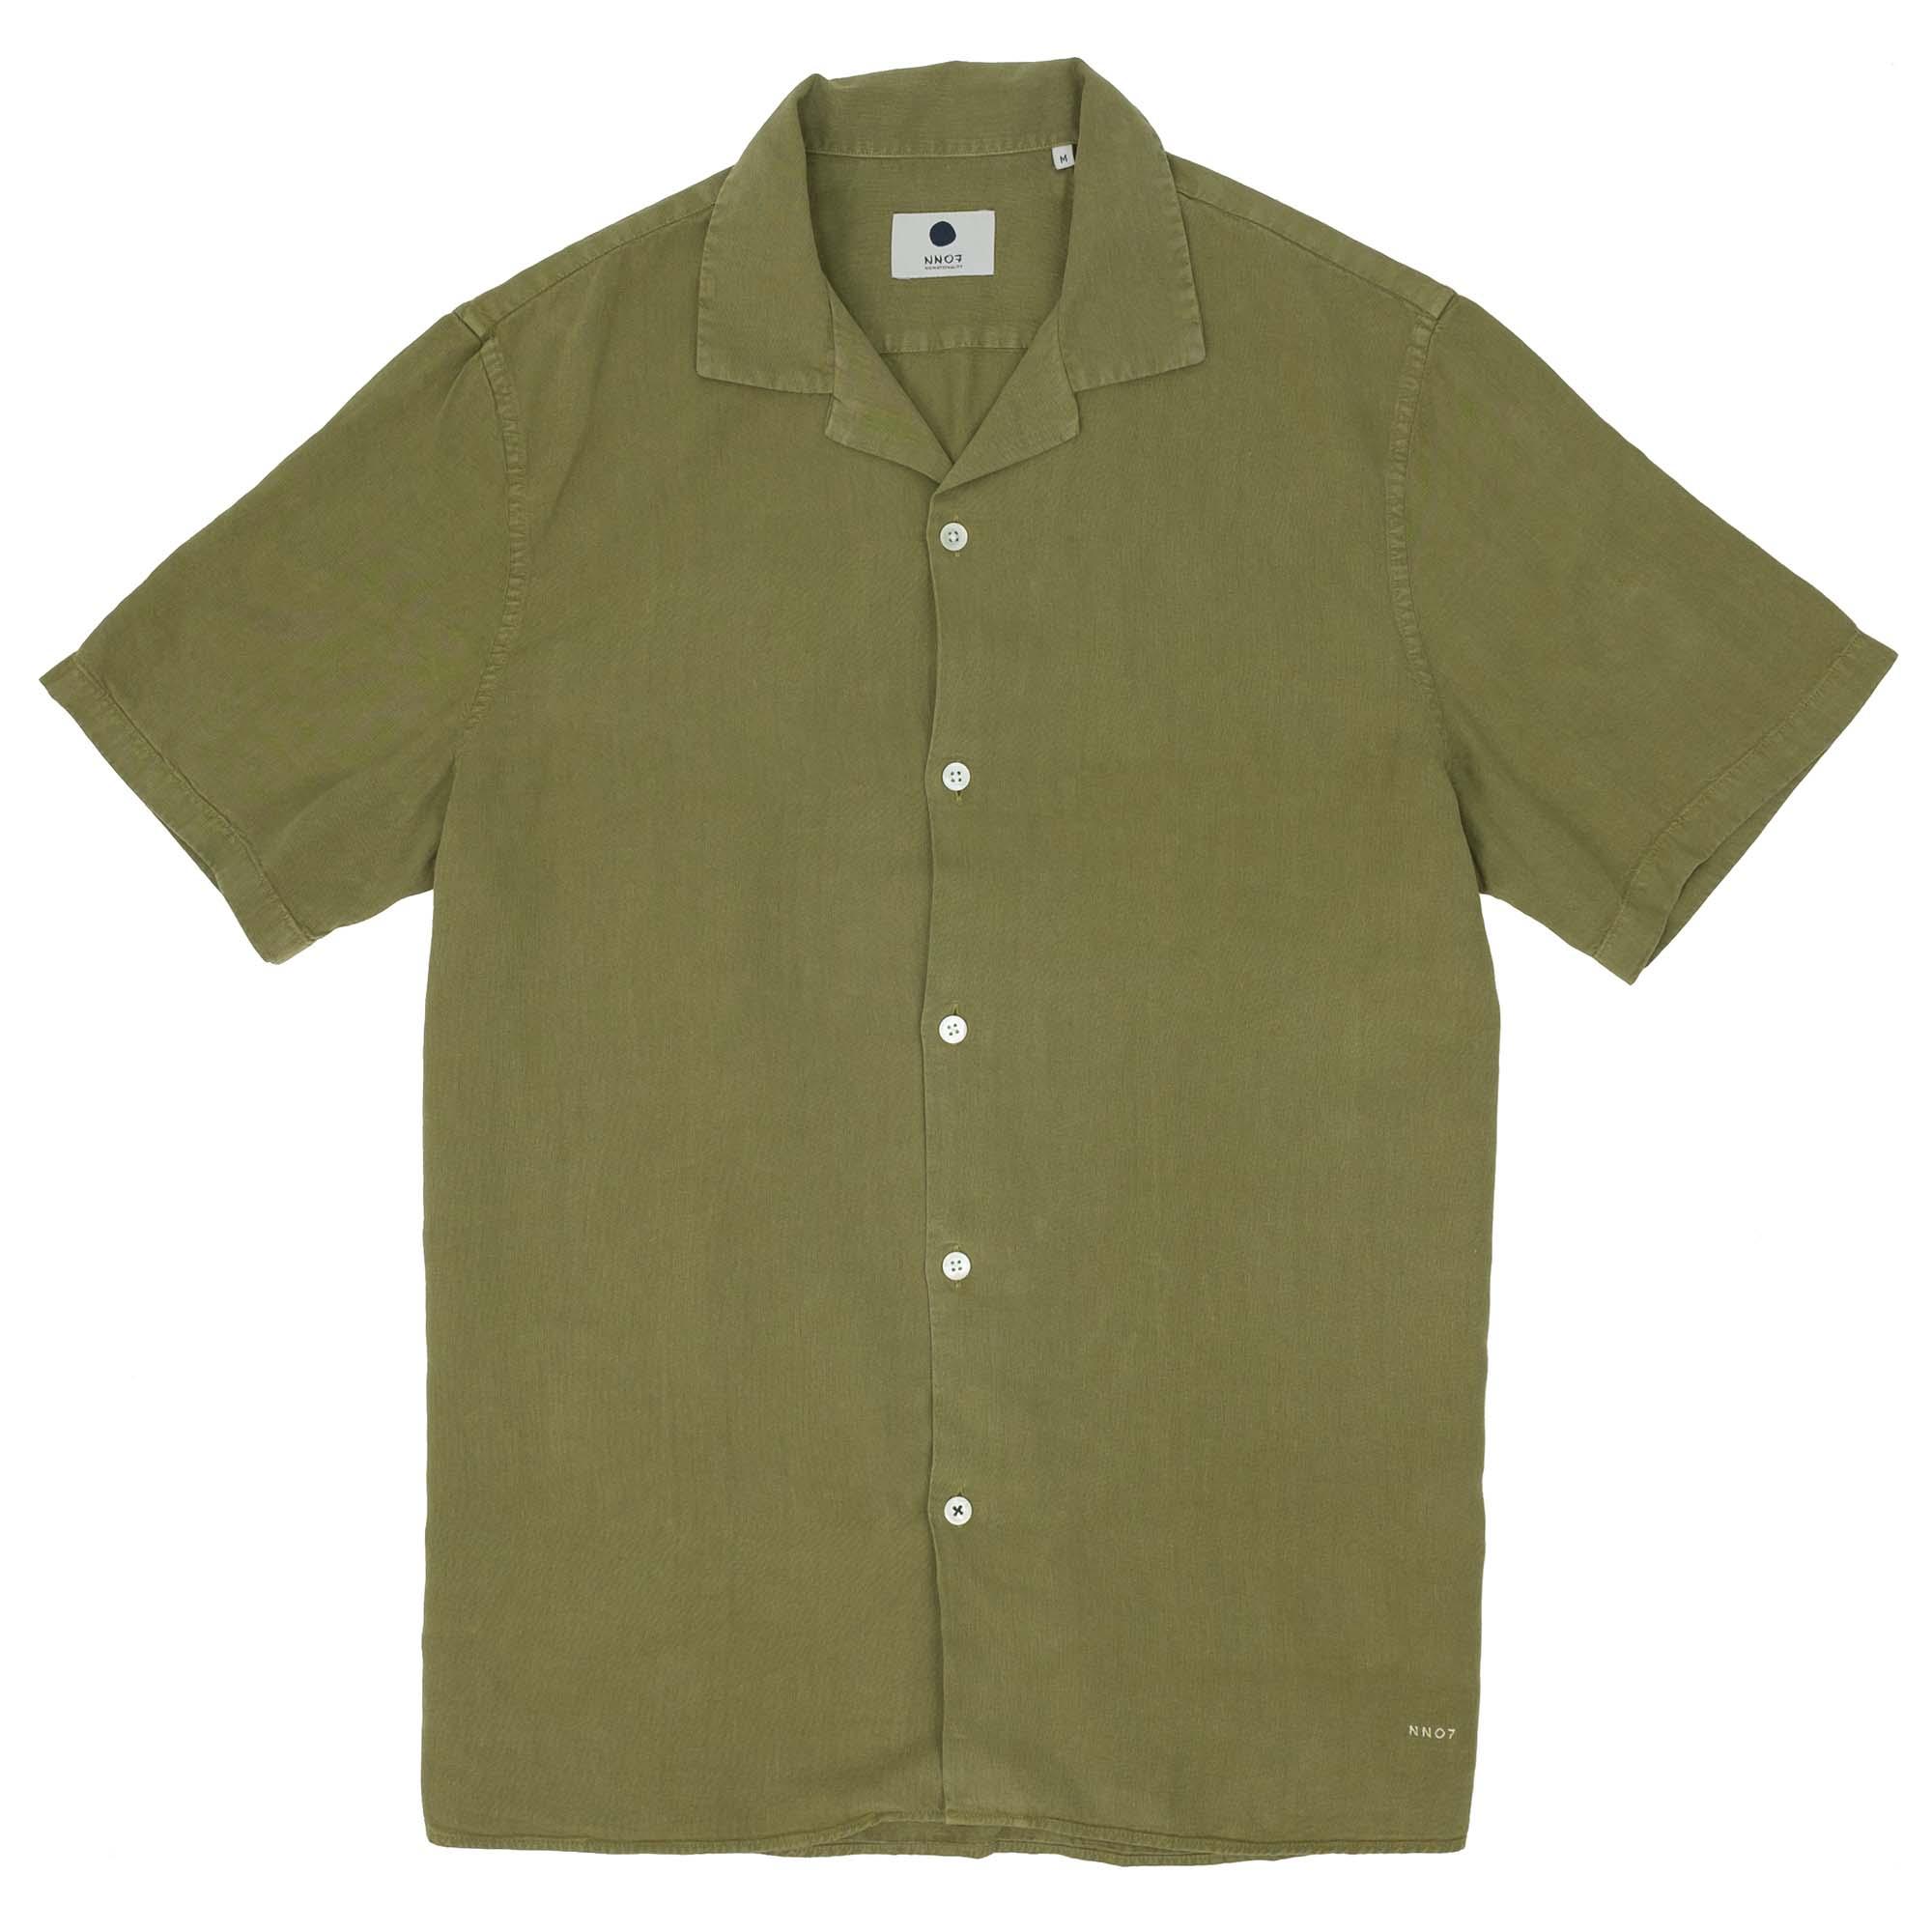 Miyagi 5029 Olive 1